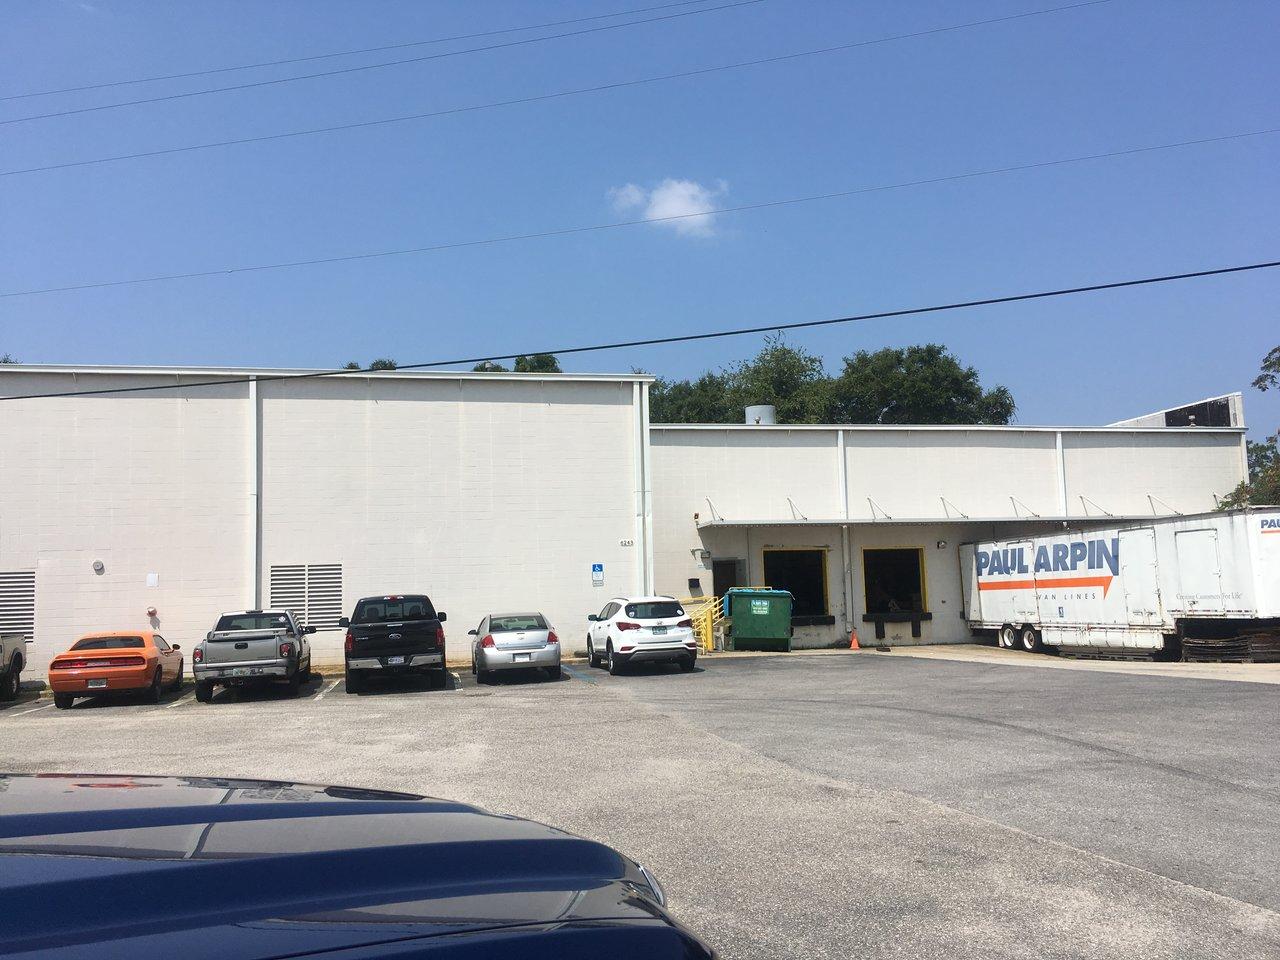 6243 N Davis Hwy, Pensacola, FL, 32504